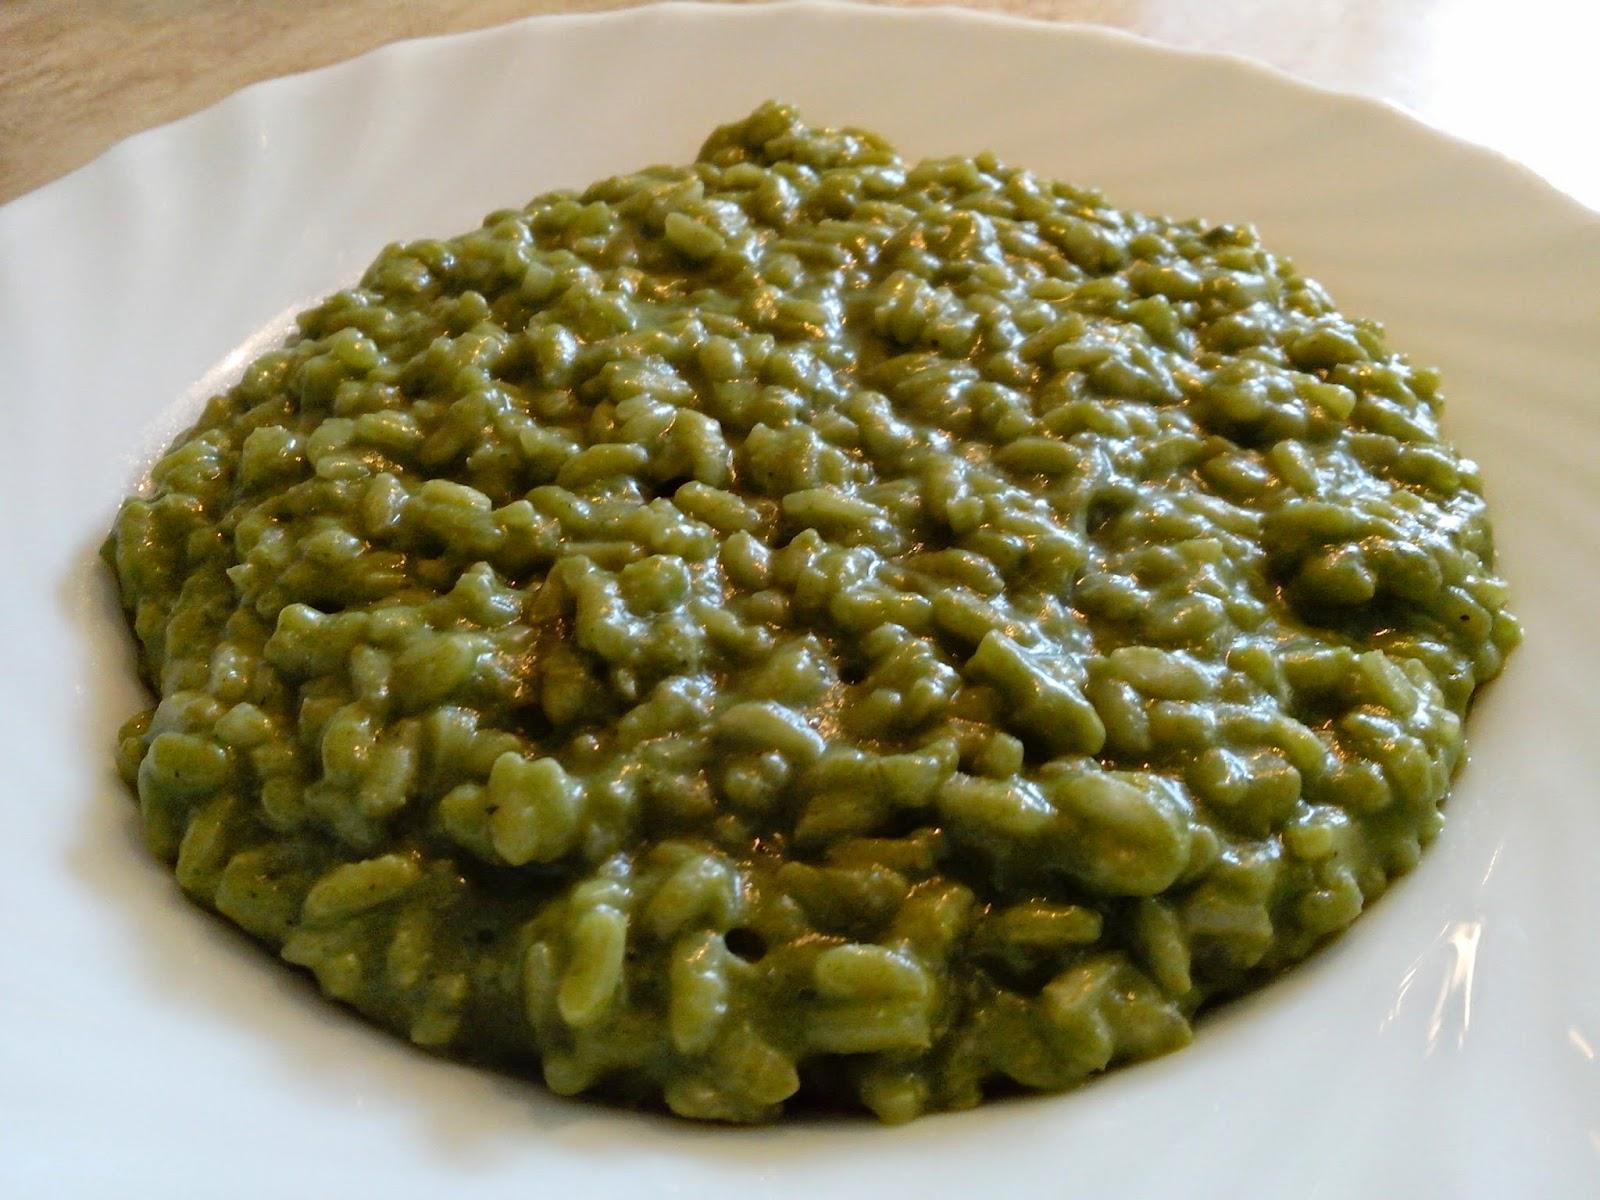 cucina con bio: risotto alle ortiche - Ortiche In Cucina